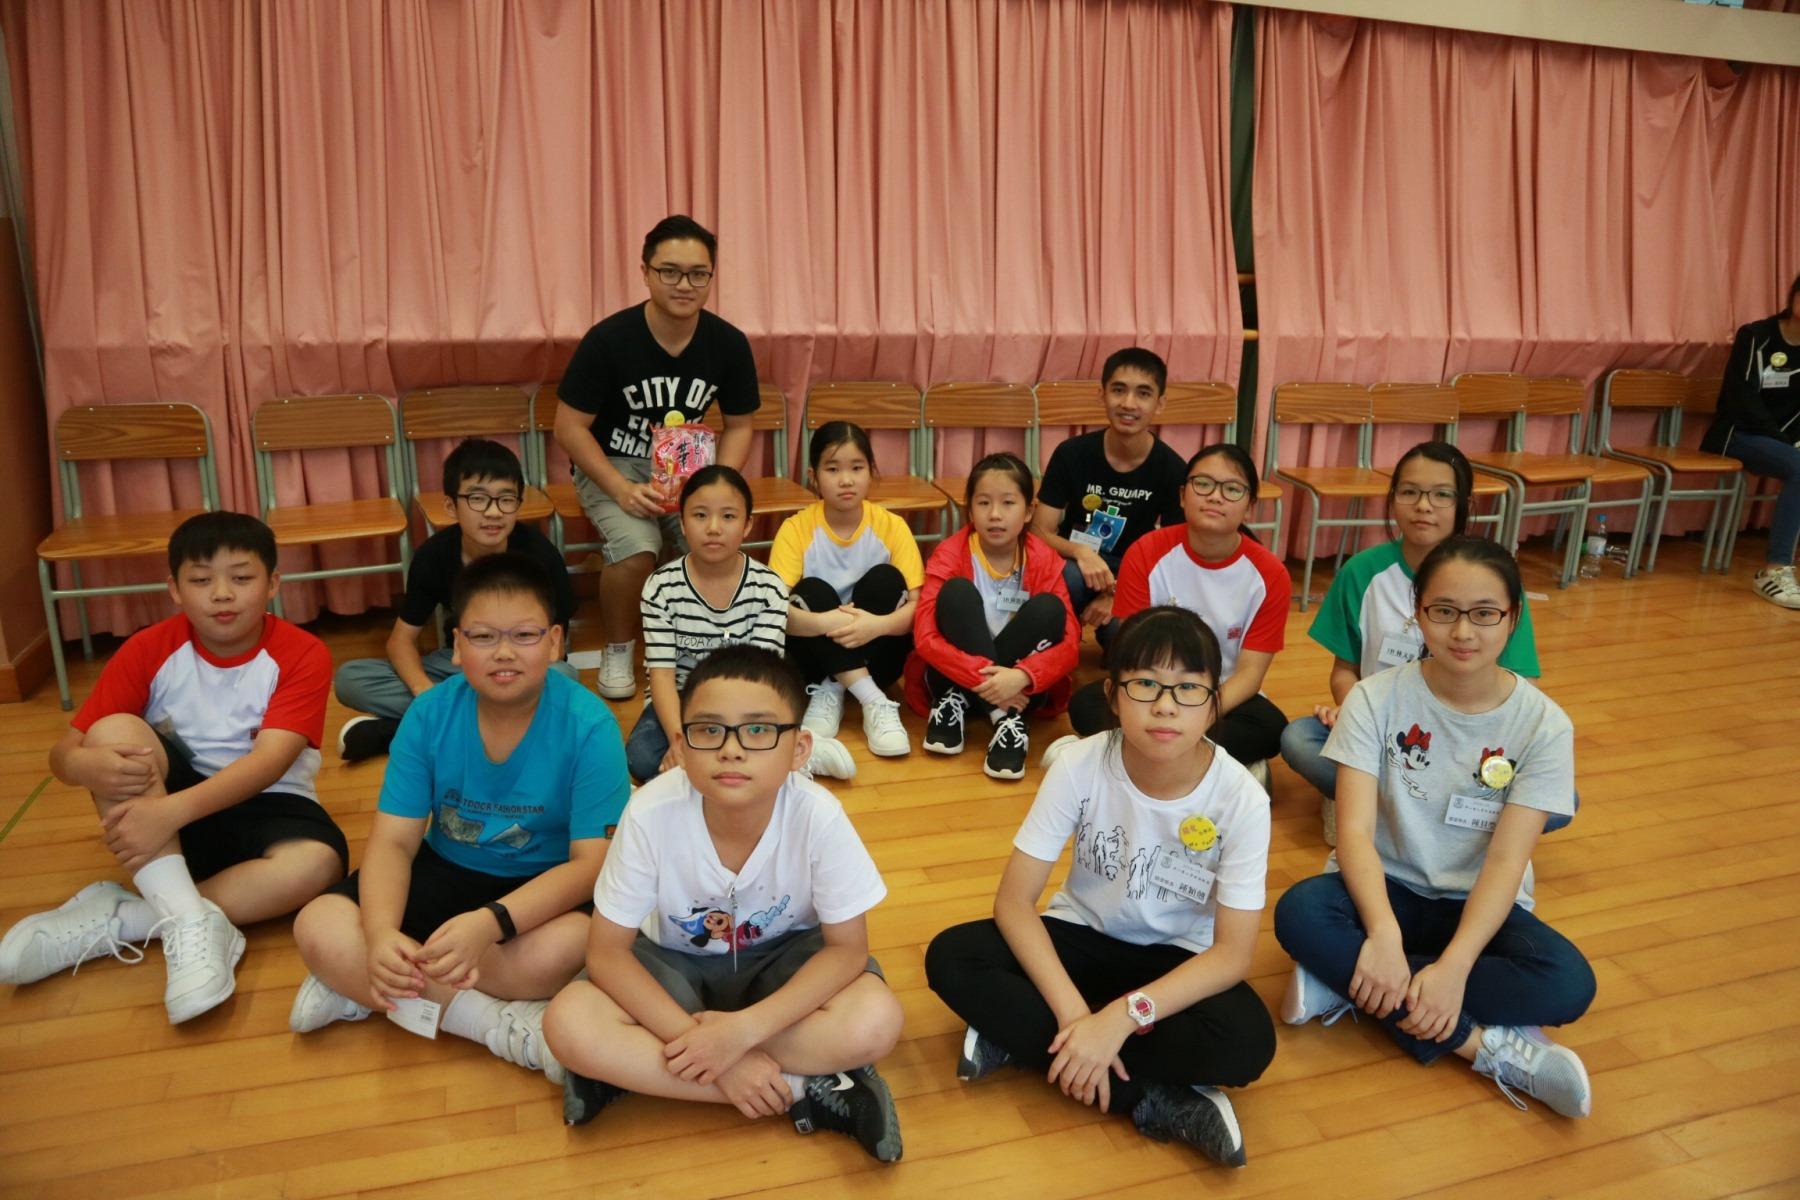 https://www.npc.edu.hk/sites/default/files/1b_zhong_zhi_cheng_cheng_06.jpg